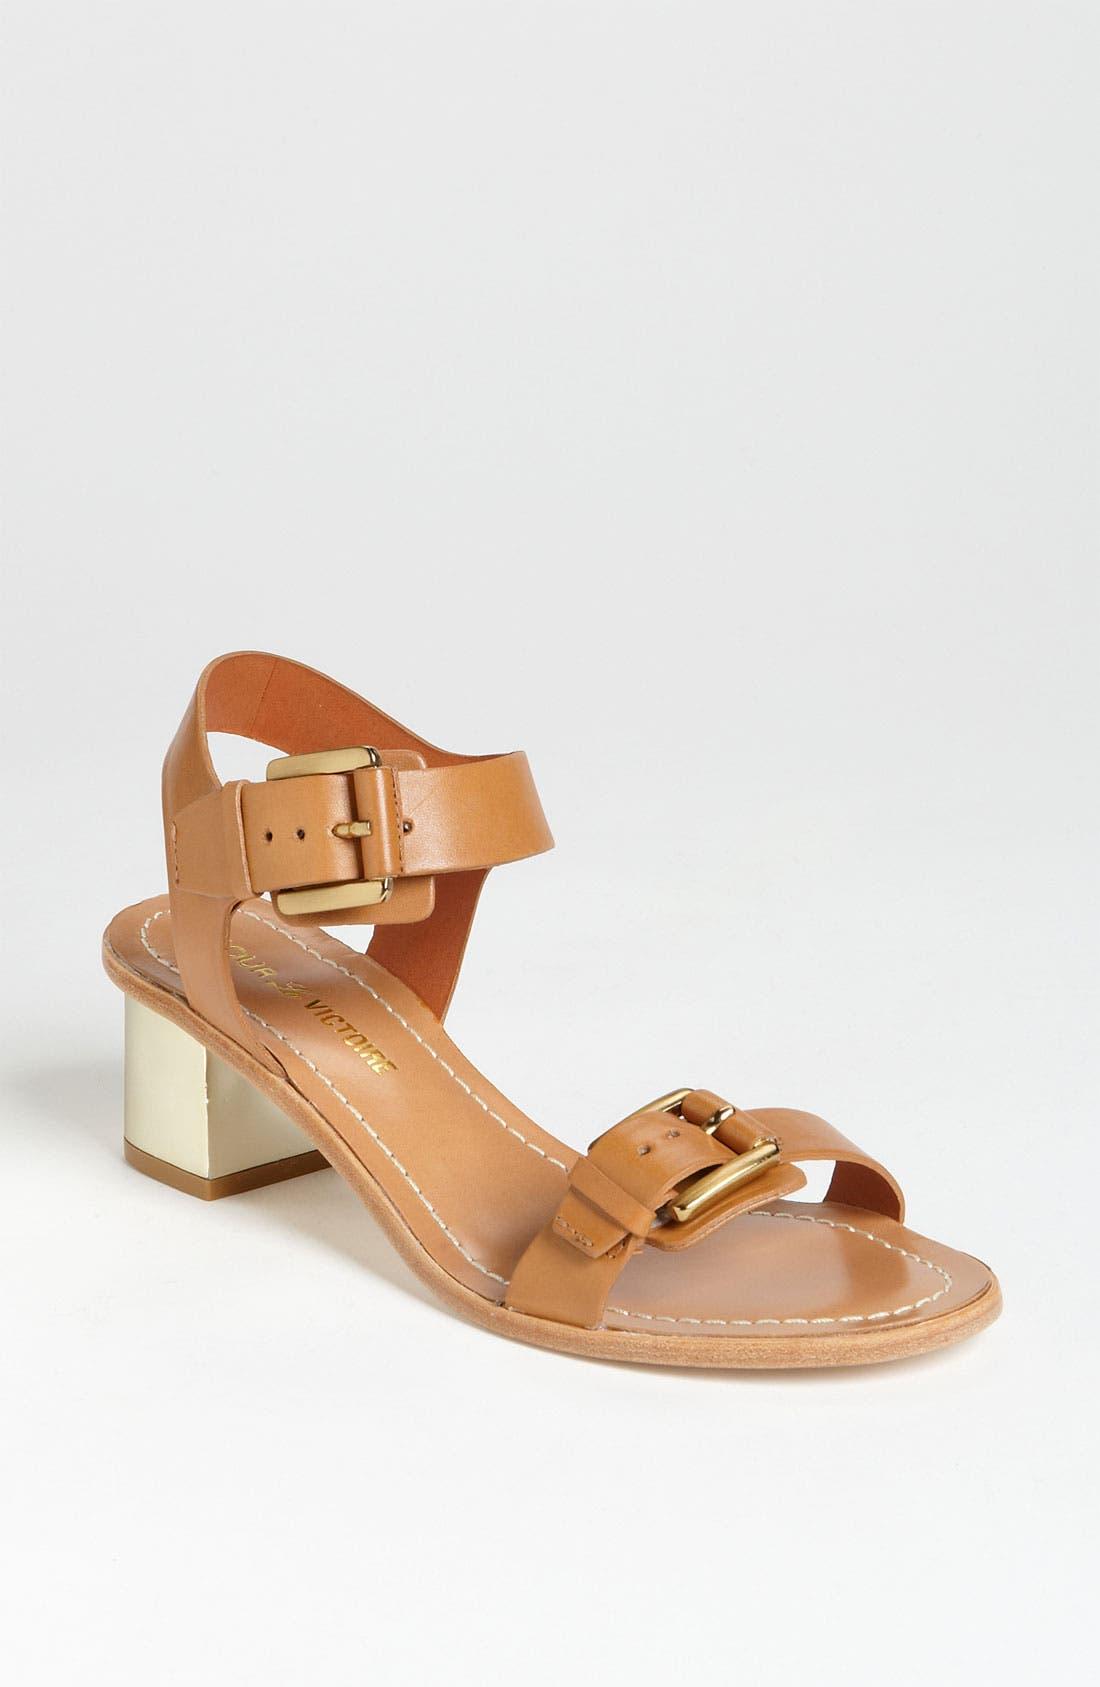 Alternate Image 1 Selected - Pour la Victoire 'Ilissa' Sandal